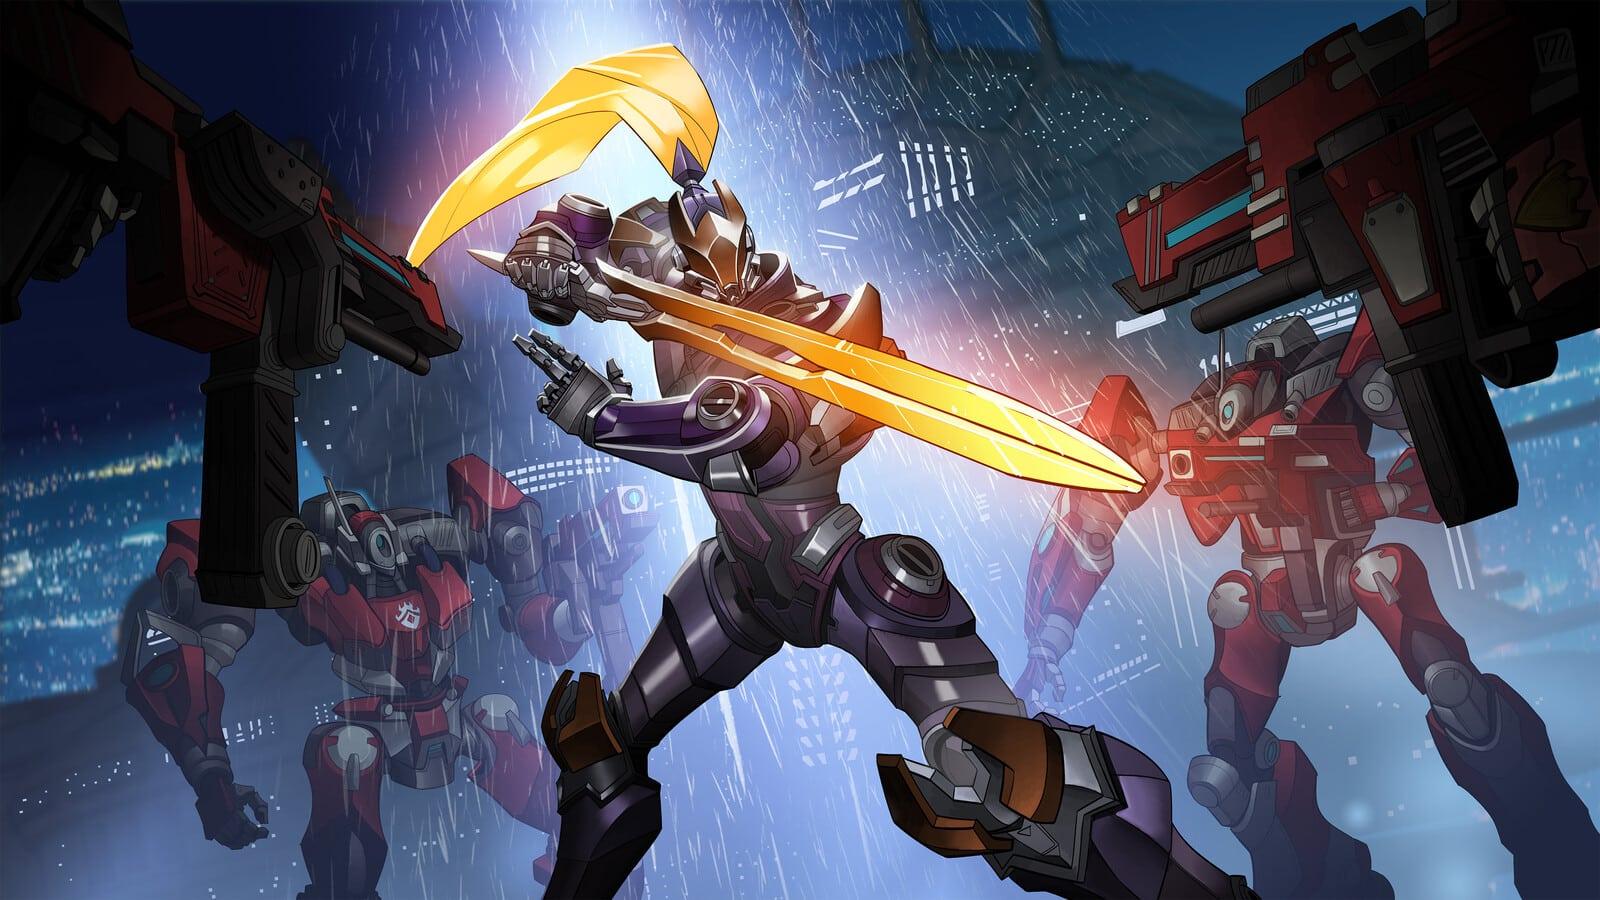 Zhin - The Tyrant, Omega Skin, Paladins